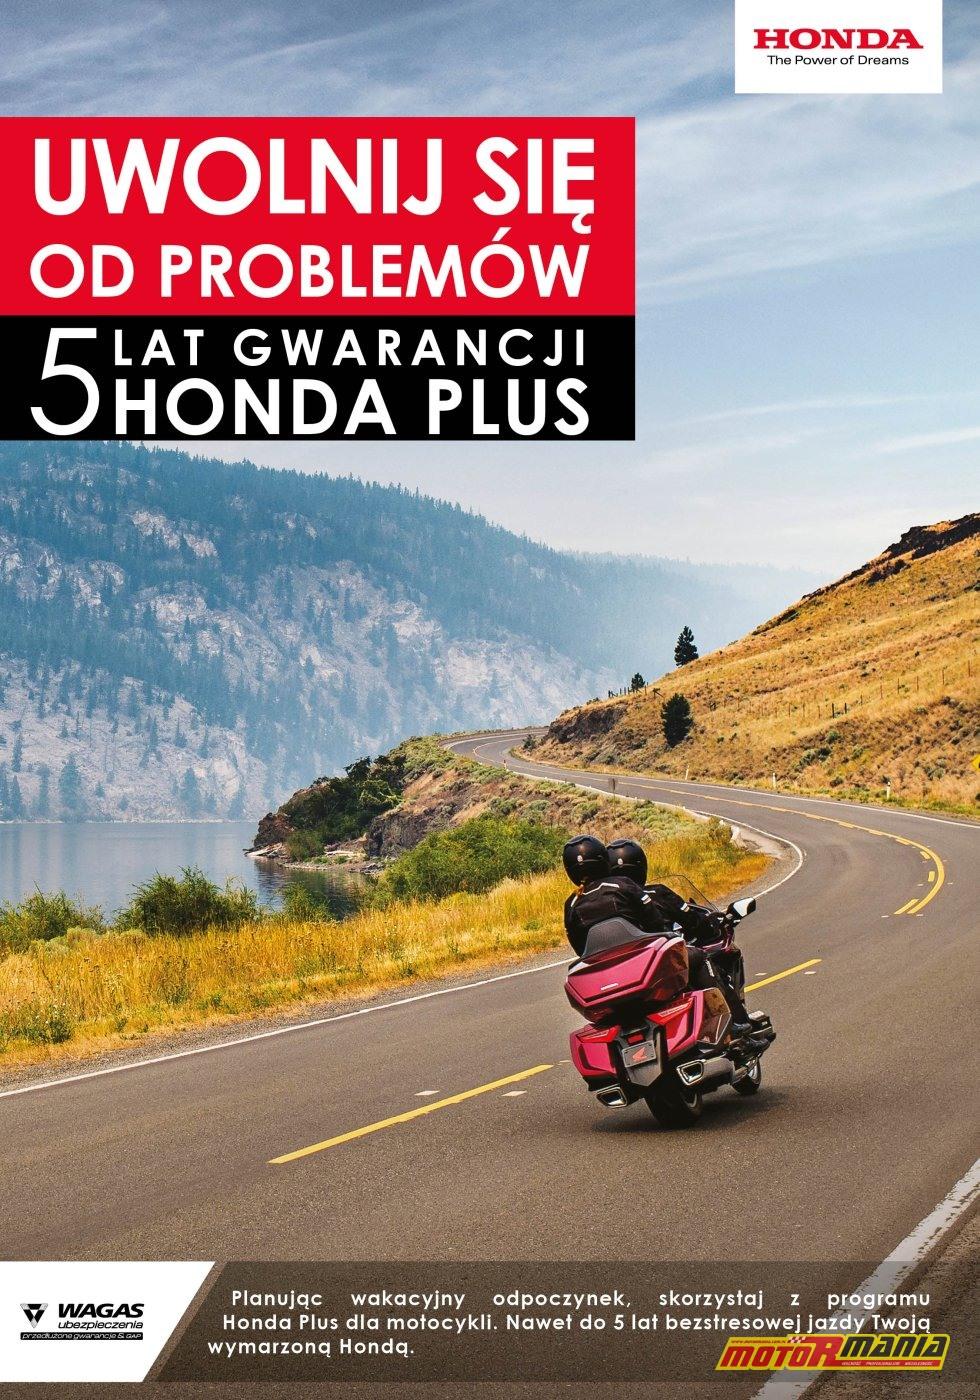 Gwarancja Honda Plus na 5 lat (1)